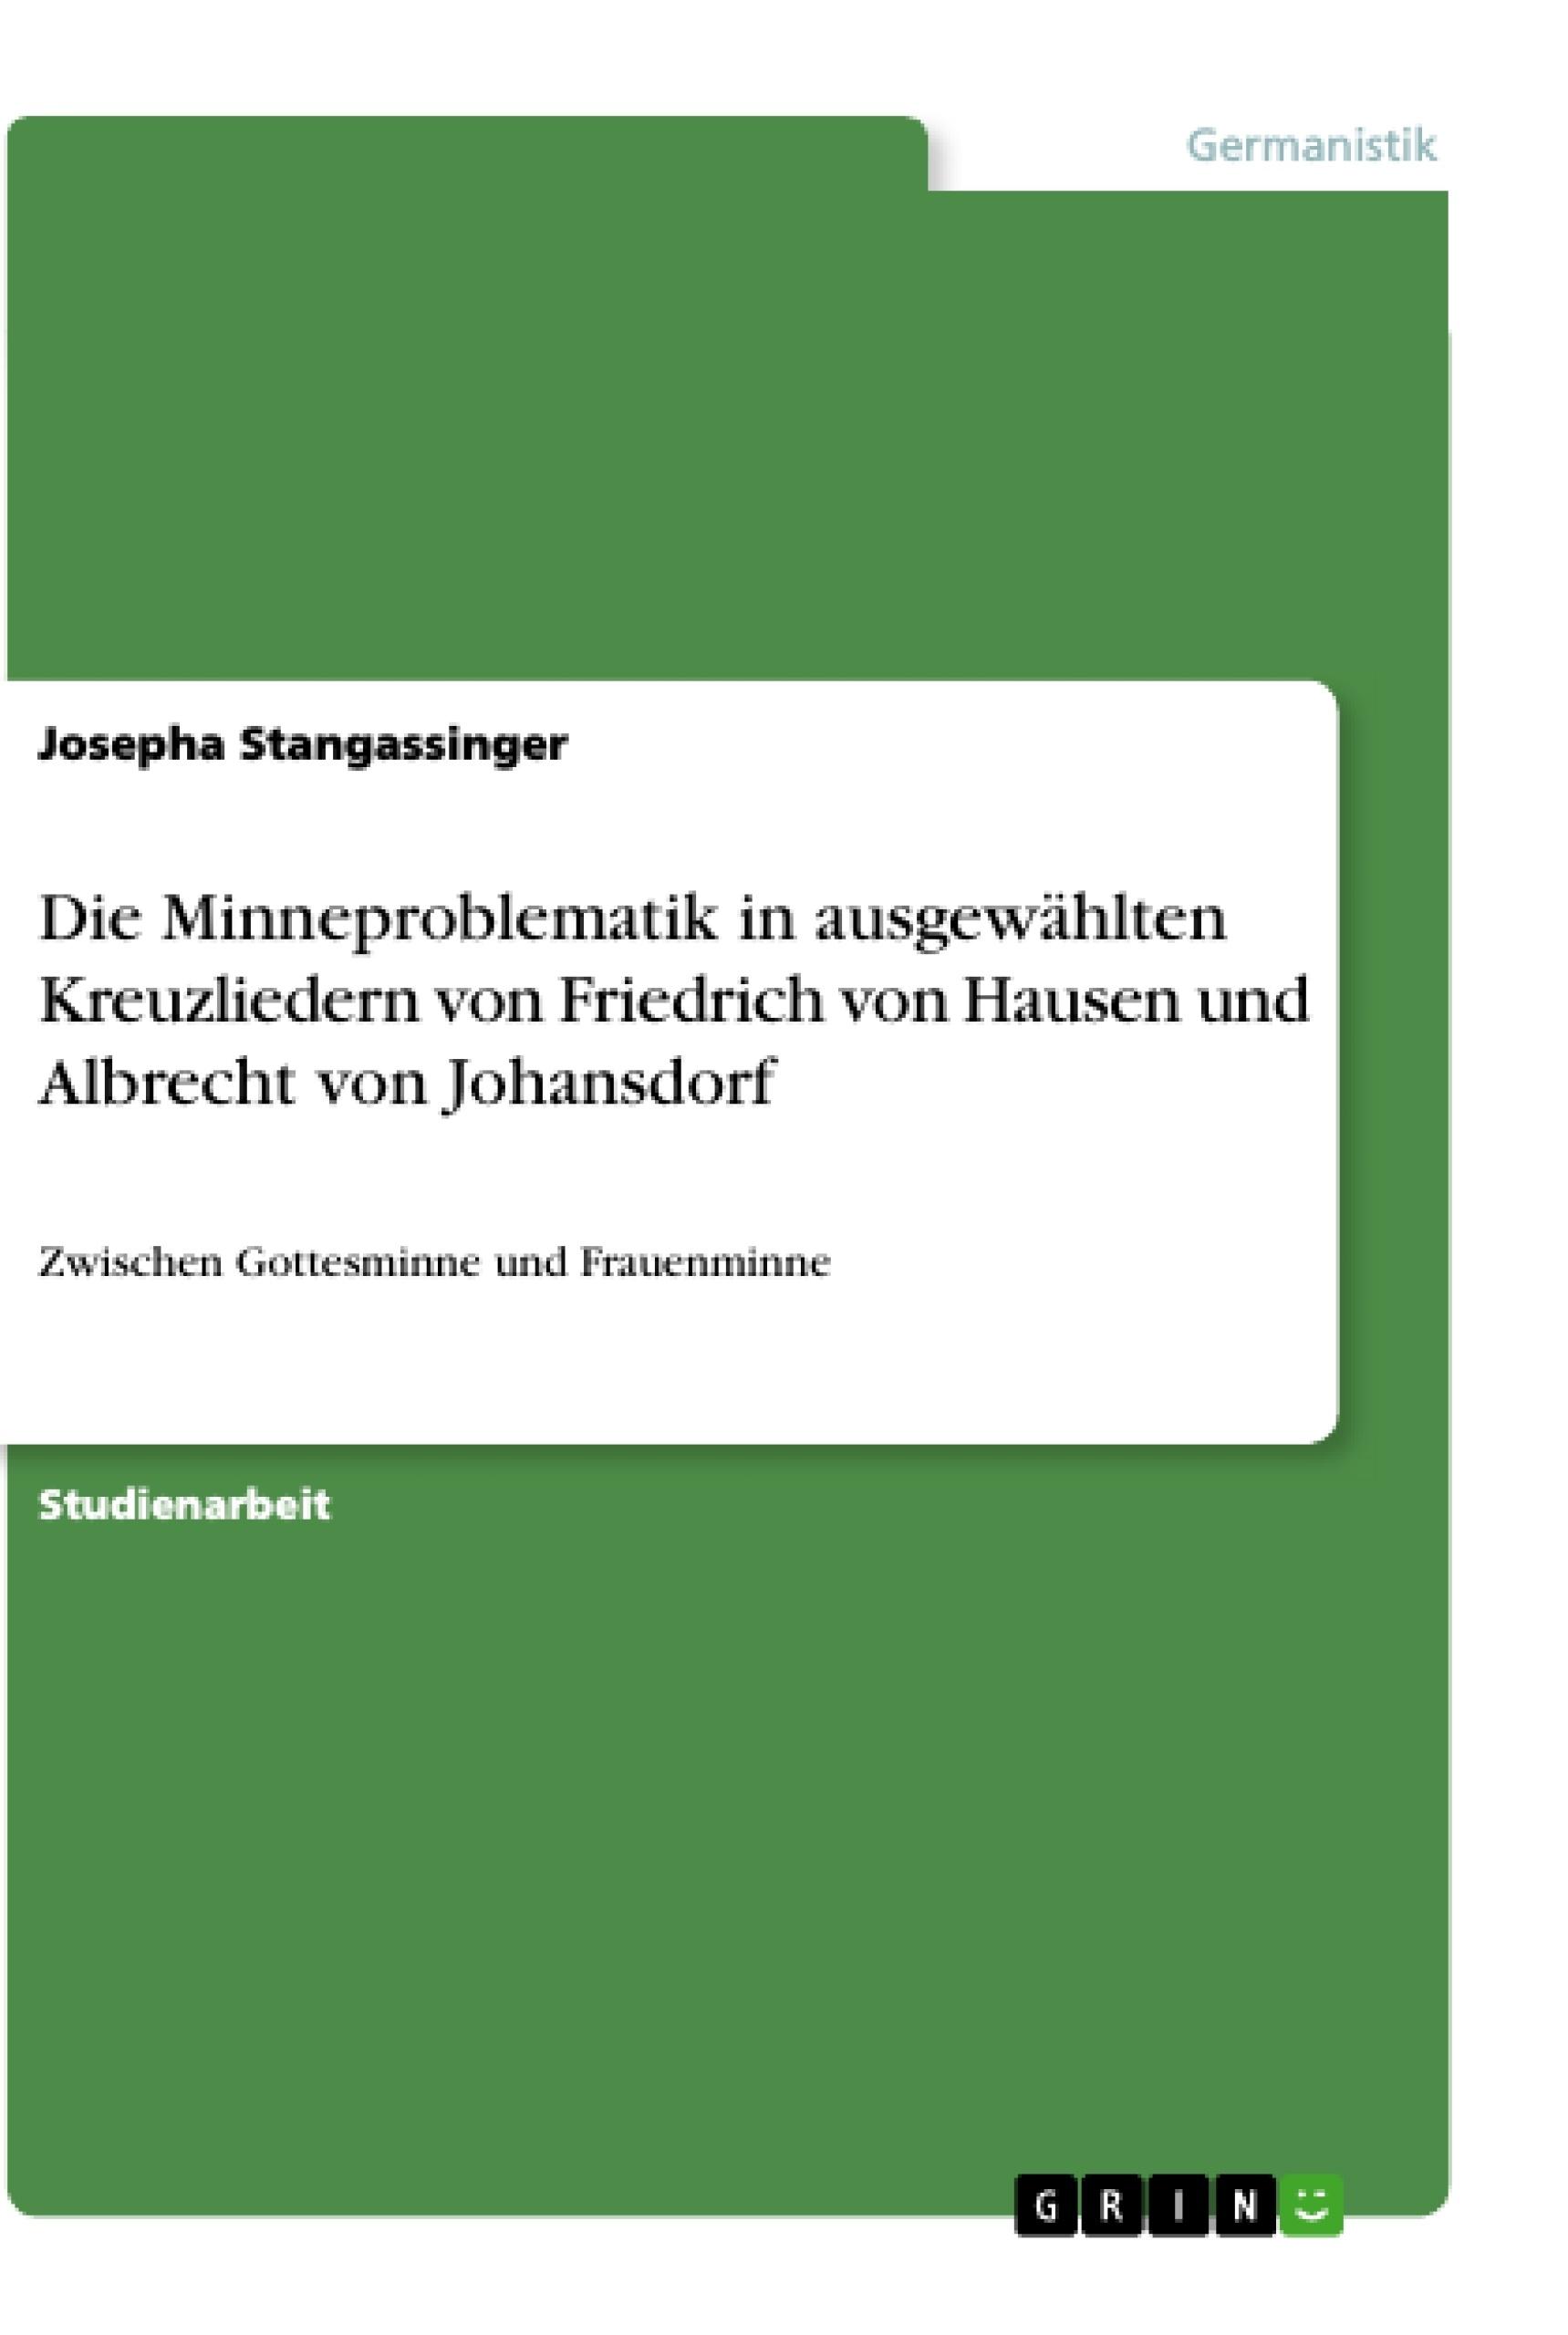 Titel: Die Minneproblematik in ausgewählten Kreuzliedern von Friedrich von Hausen und Albrecht von Johansdorf